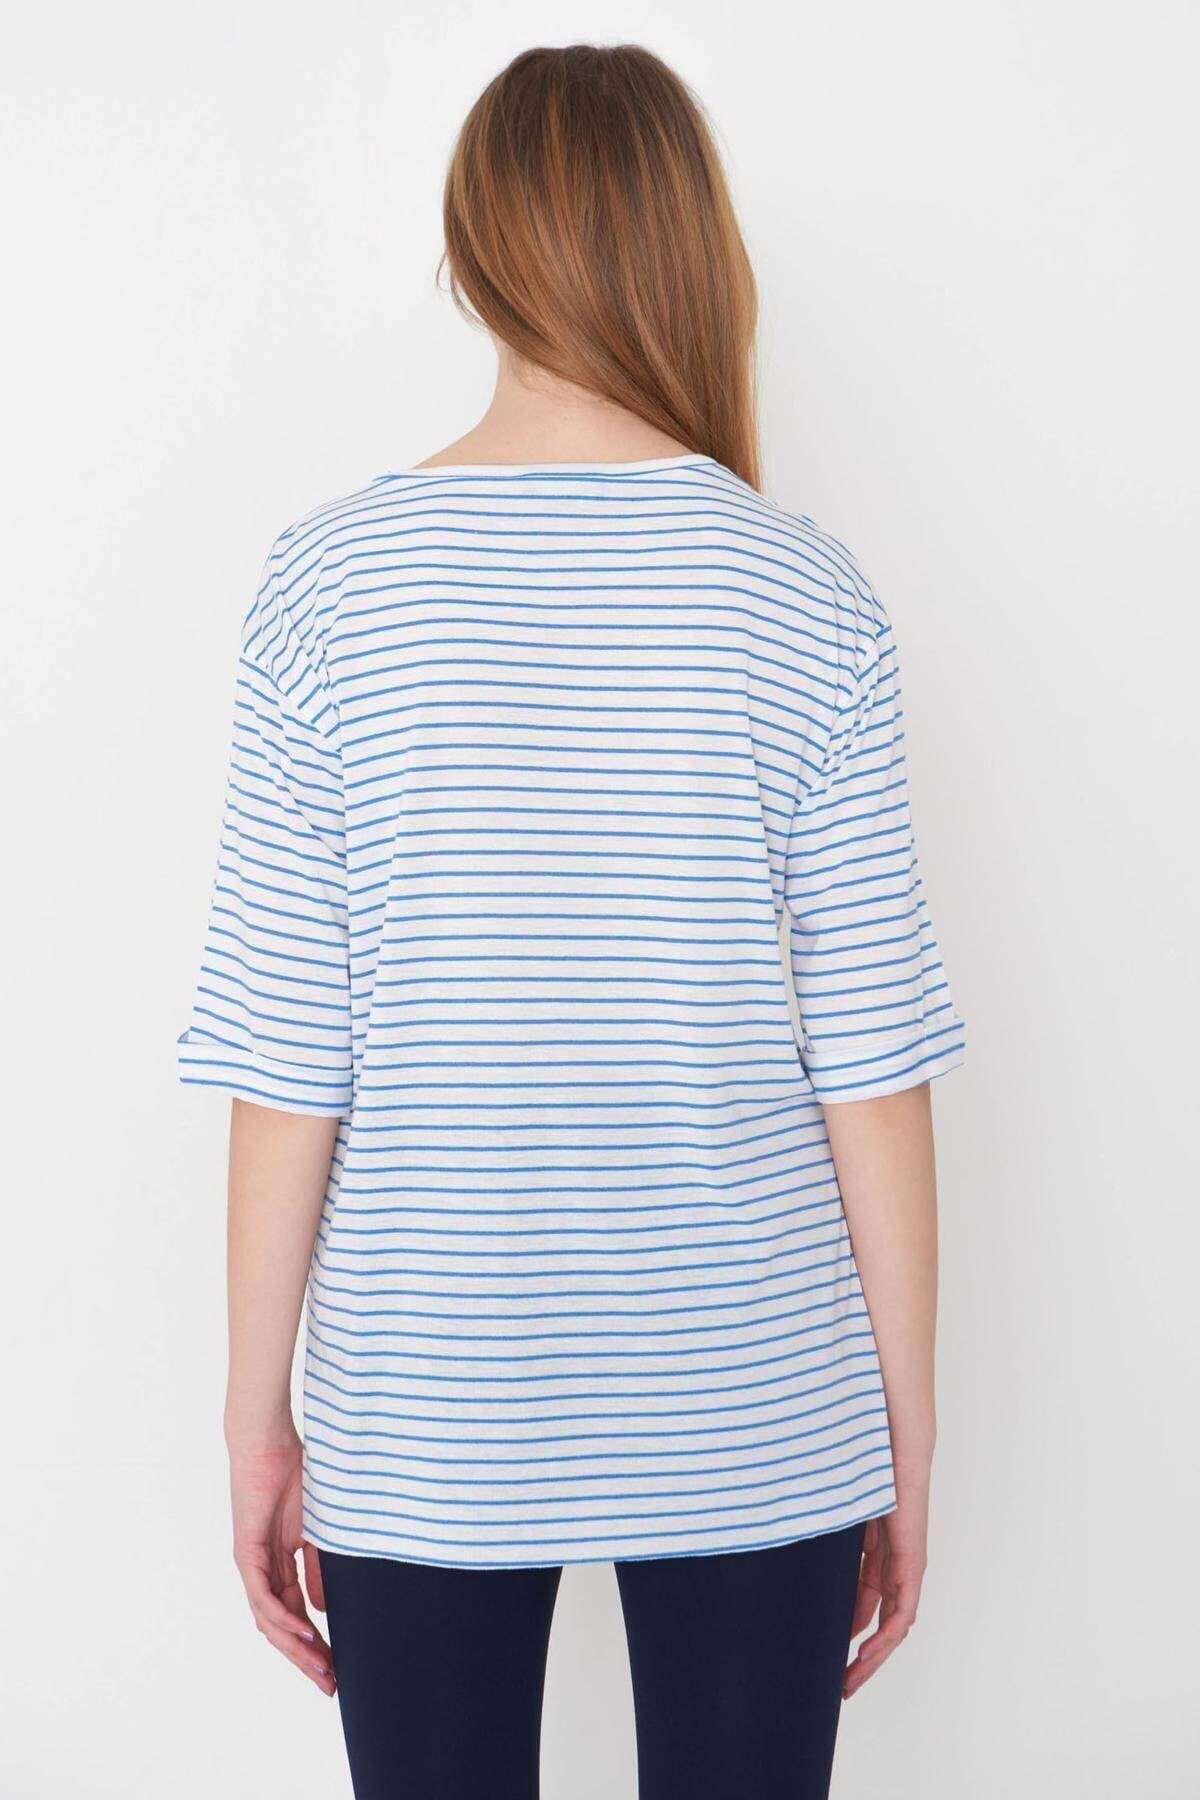 Addax Kadın Saks Mavi Çizgili T-Shirt P6687 - S13 Adx-0000023923 4